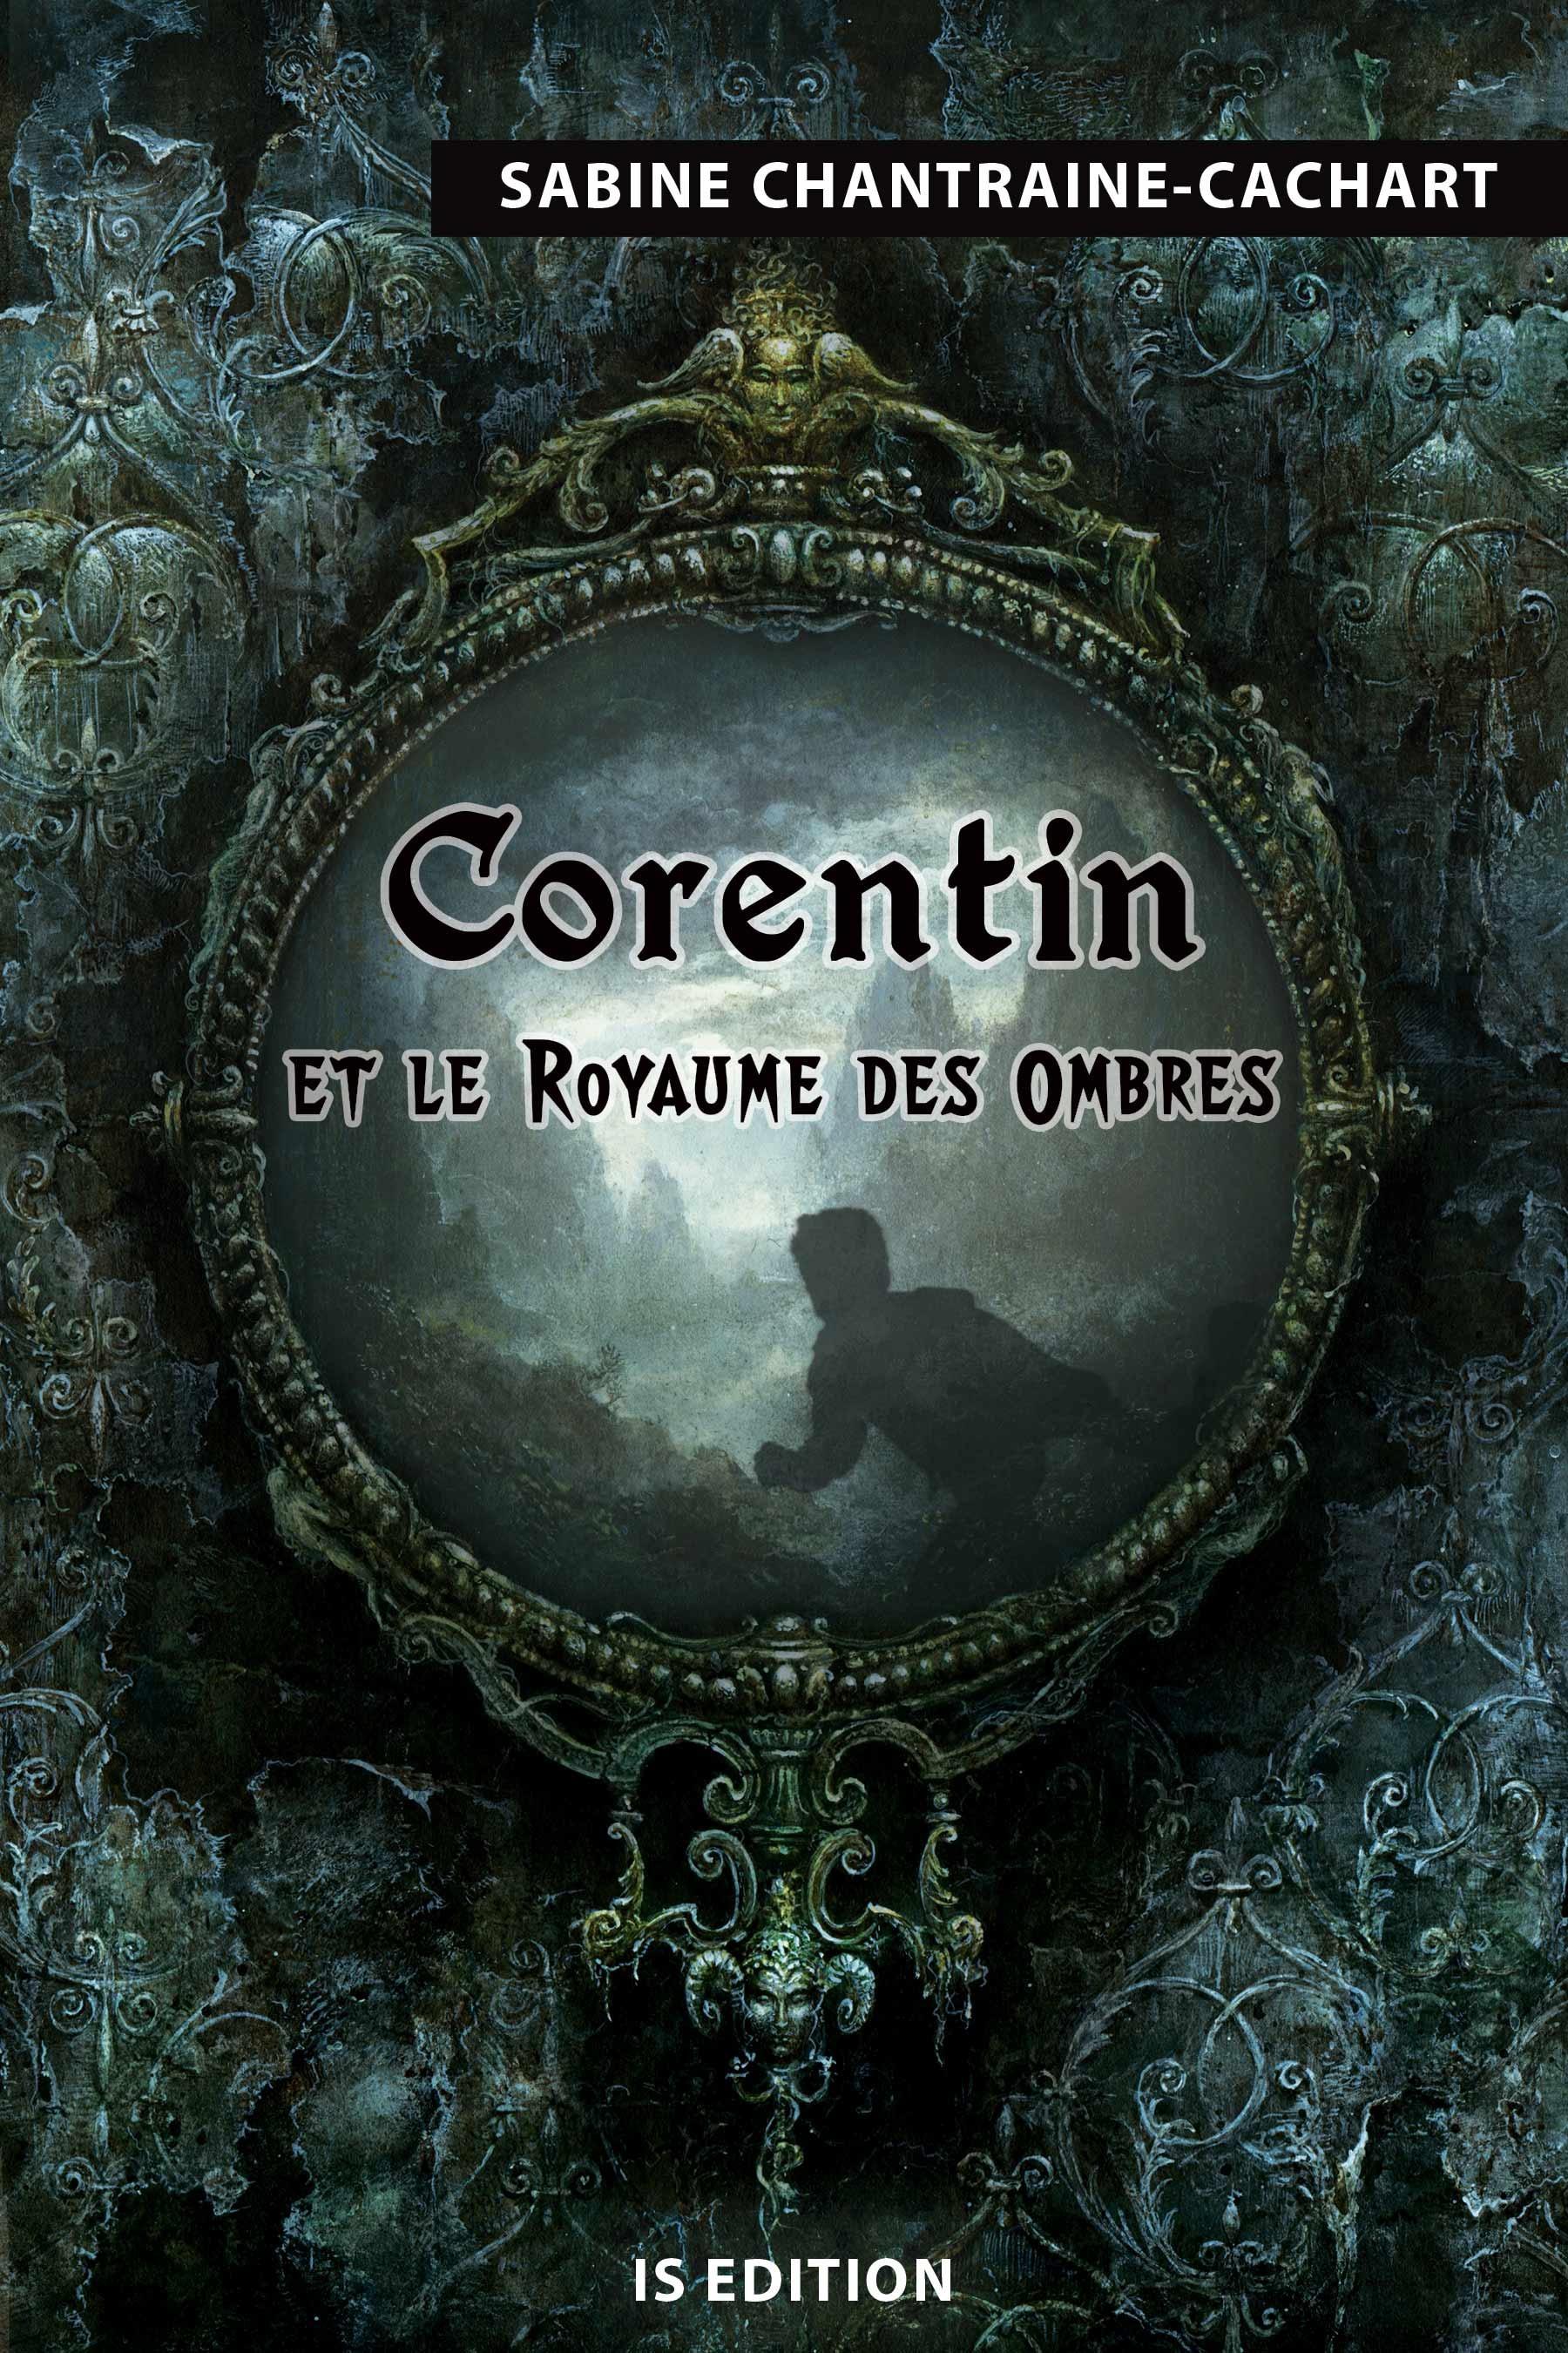 Corentin et le royaume des ombres